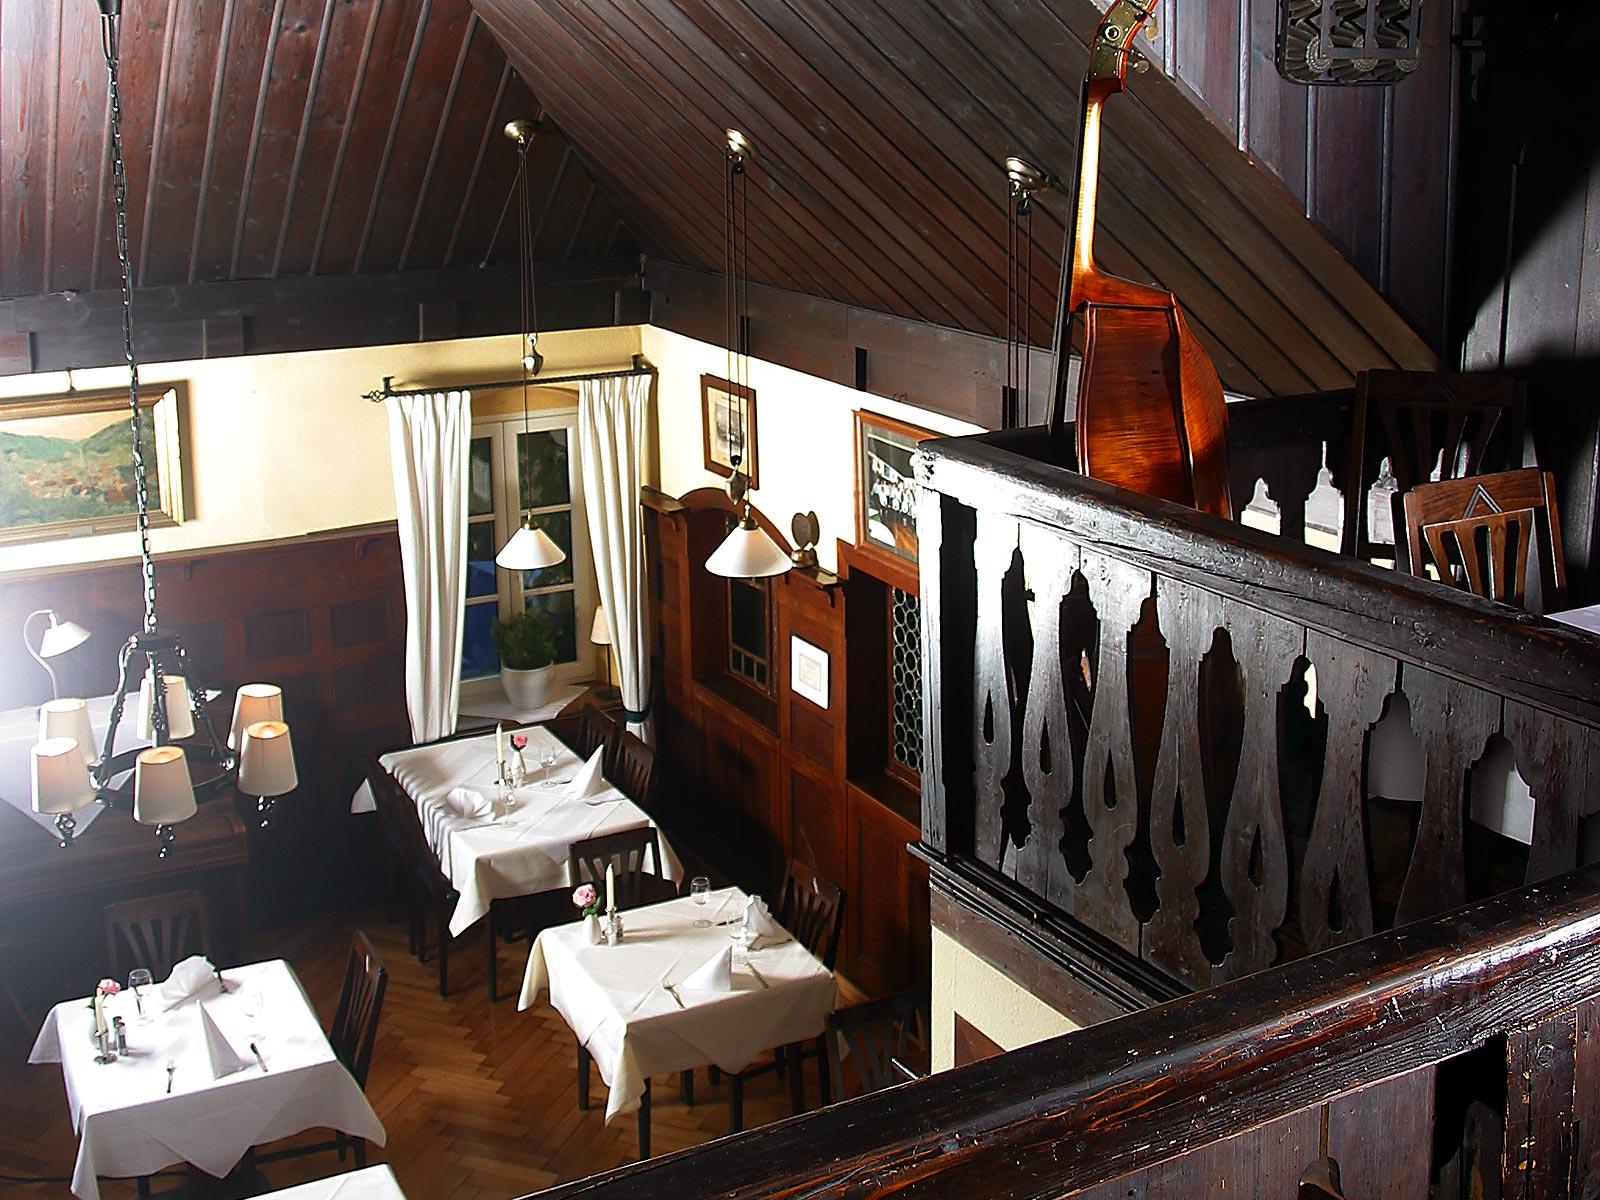 restaurant harmonie herzlich willkommen im restaurant harmonie in lichtenberg. Black Bedroom Furniture Sets. Home Design Ideas